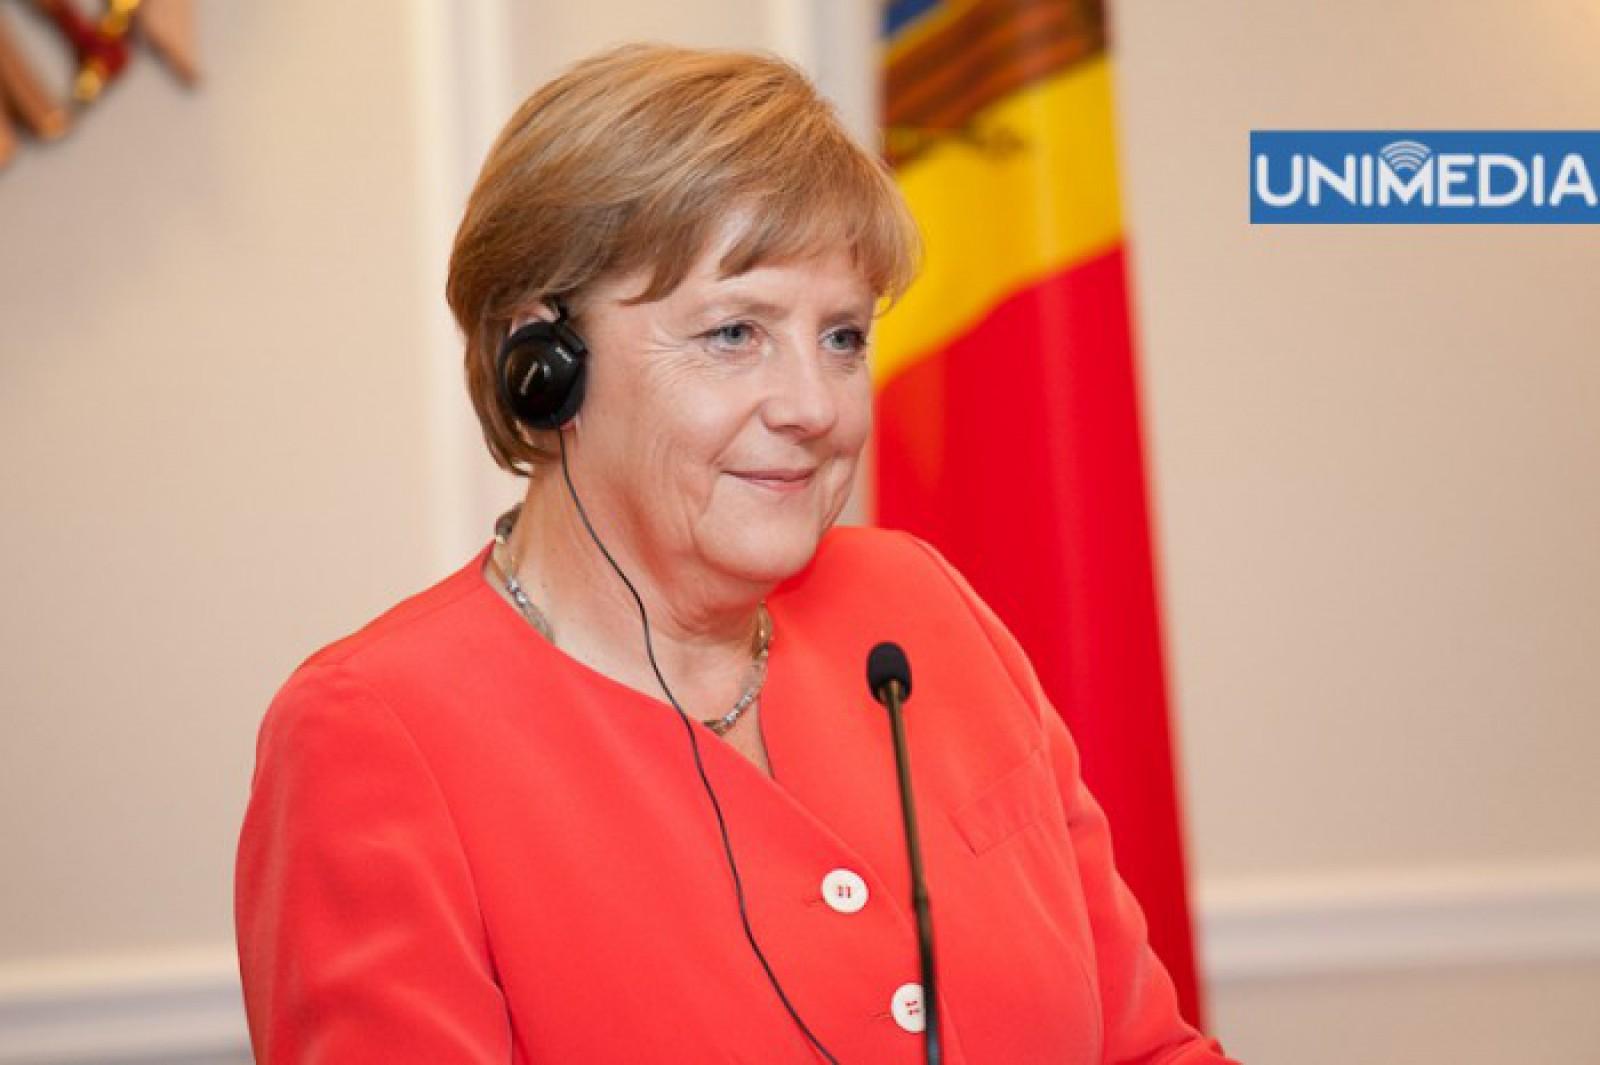 Angela Merkel a fost aleasă cancelar al Germaniei pentru a patra oară